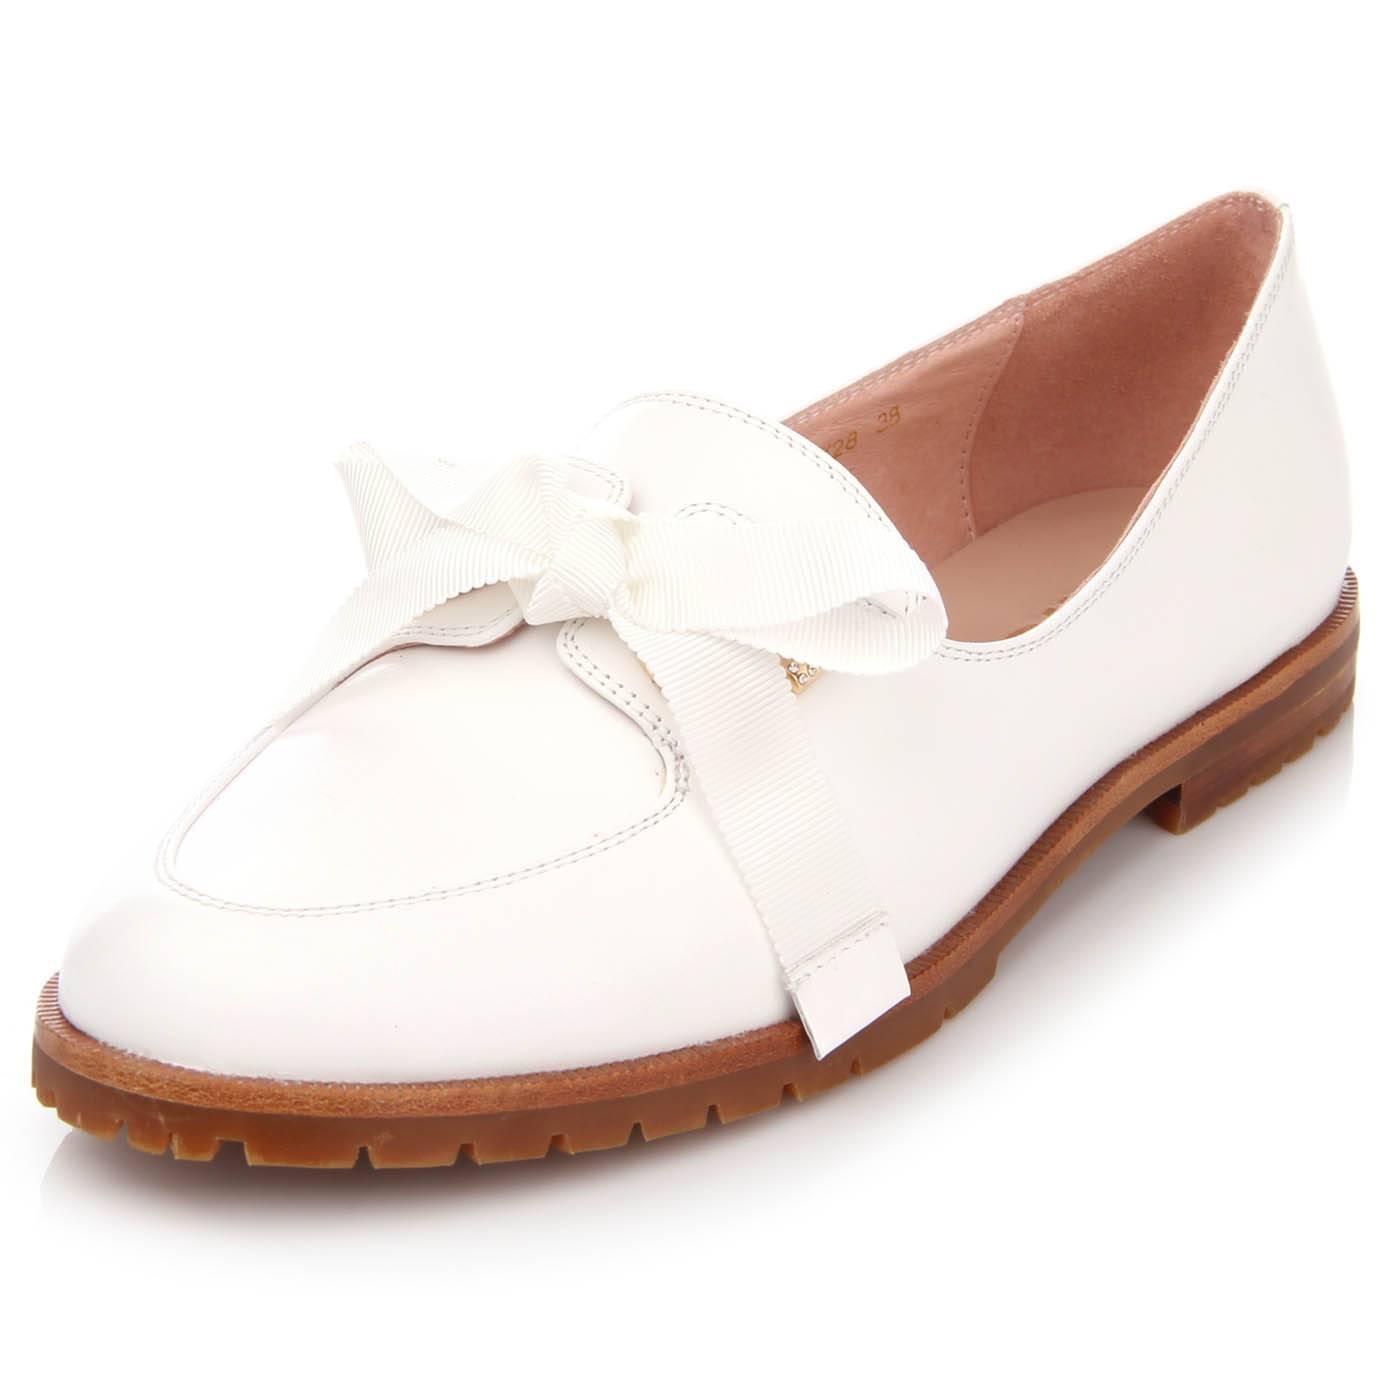 Туфлі жіночі ditto 6520 Білий купить по выгодной цене в интернет ... 9149da89da5d7